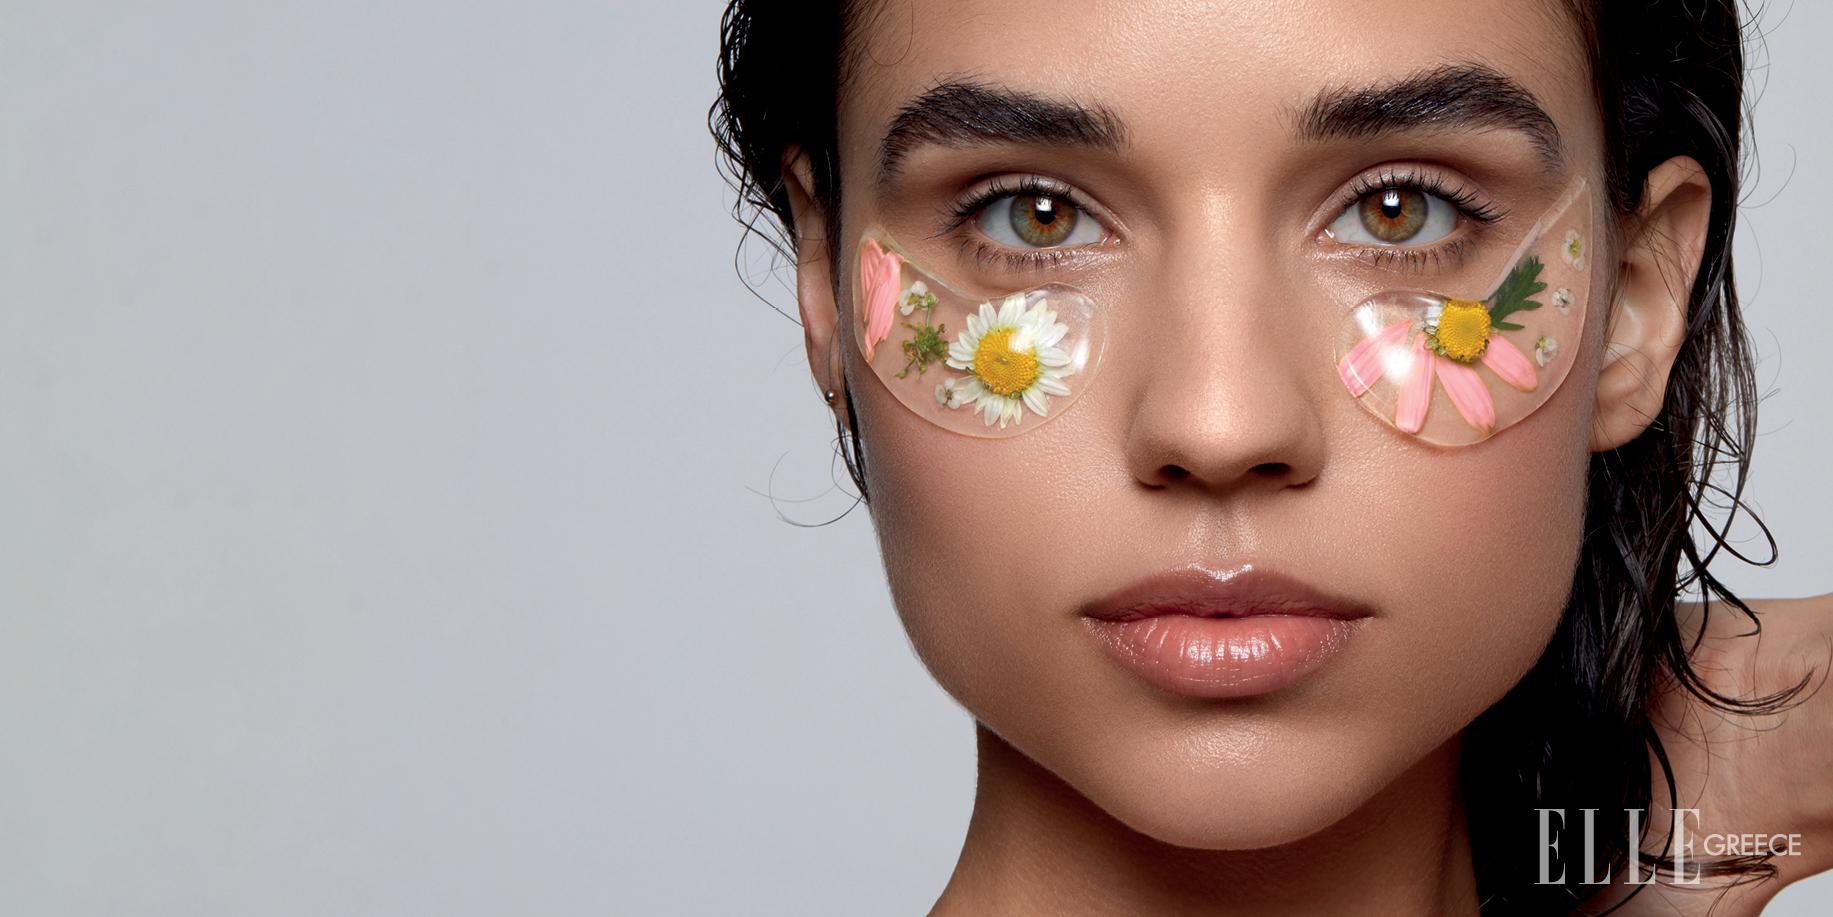 Αυτές οι 14 νέες κρέμες ματιών υπόσχονται νεανικό βλέμμα